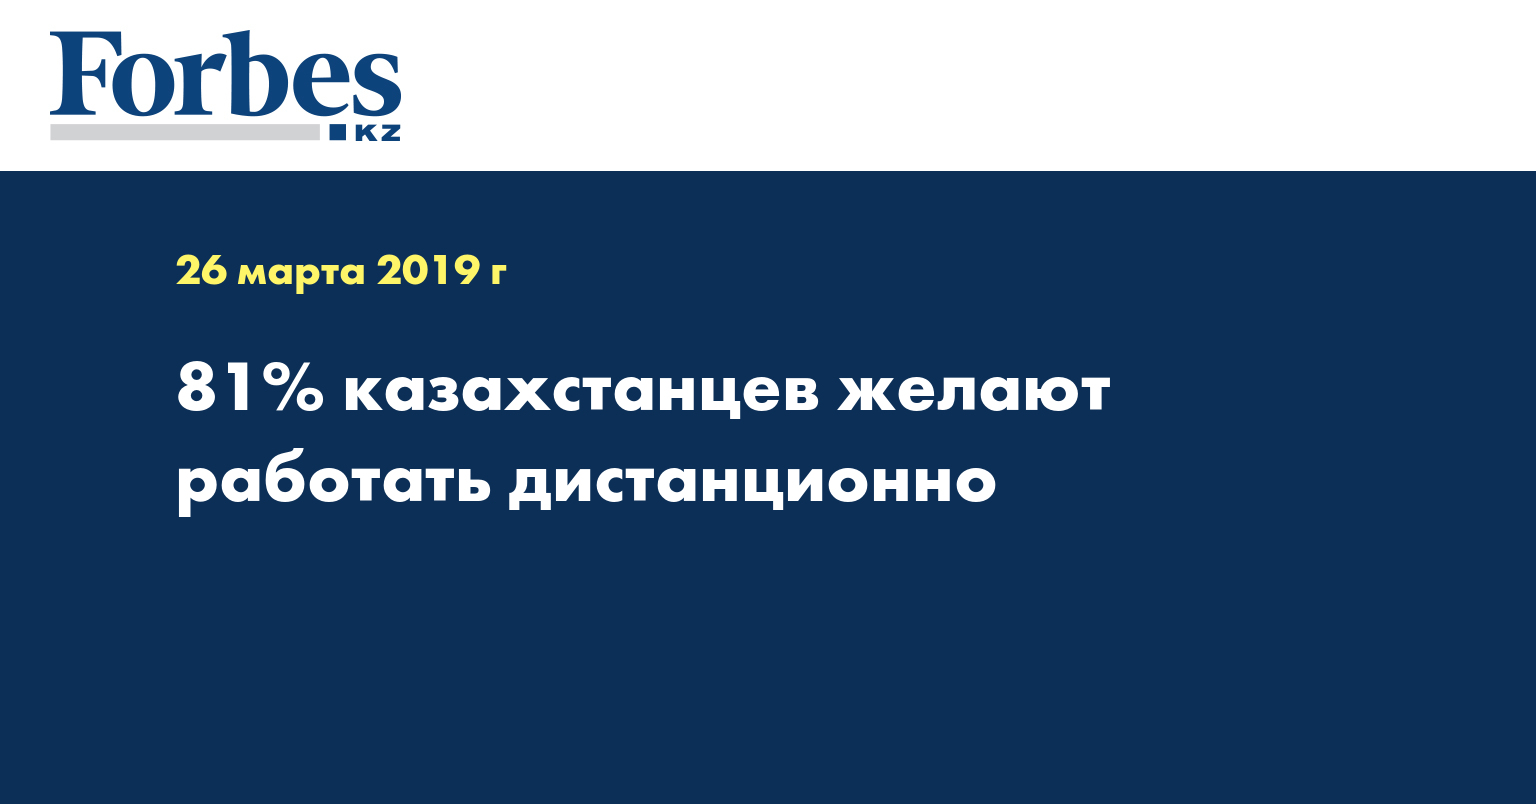 81% казахстанцев желают работать дистанционно